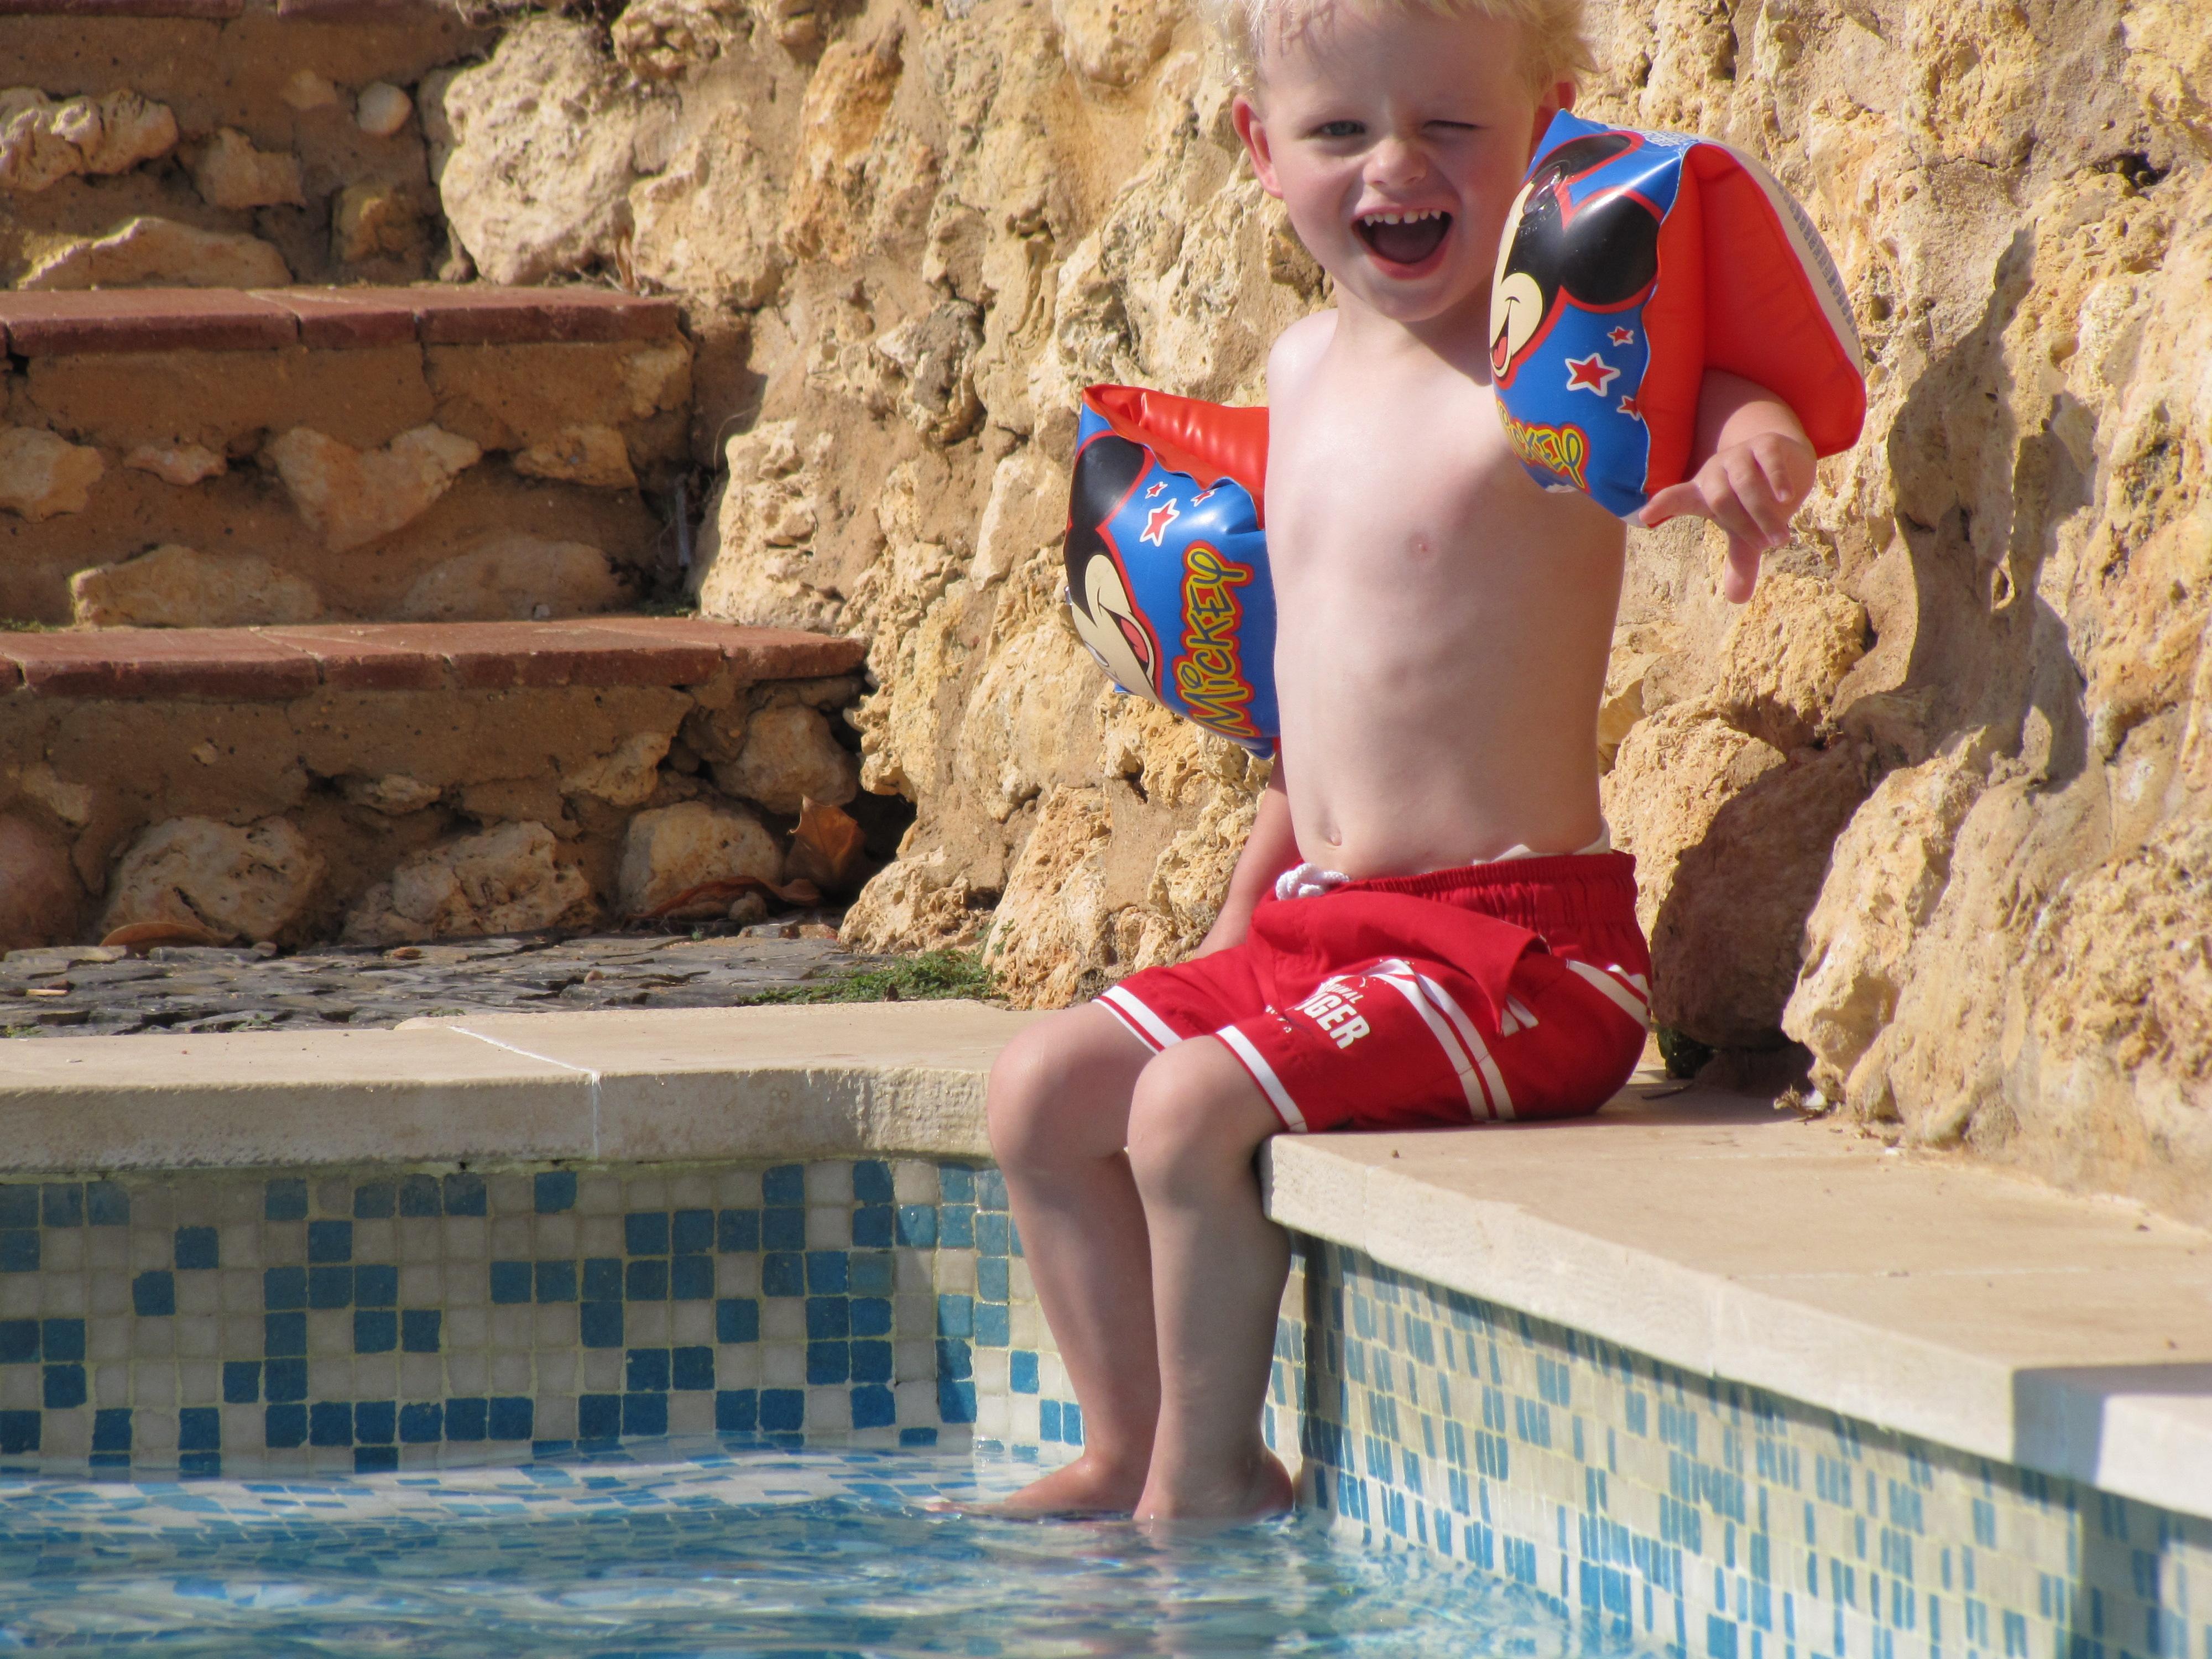 #A8232822248116 Vakantie Algarve Met Peuter Meest effectief Luxe Vakantie Portugal 3705 behang 400030003705 afbeeldingen